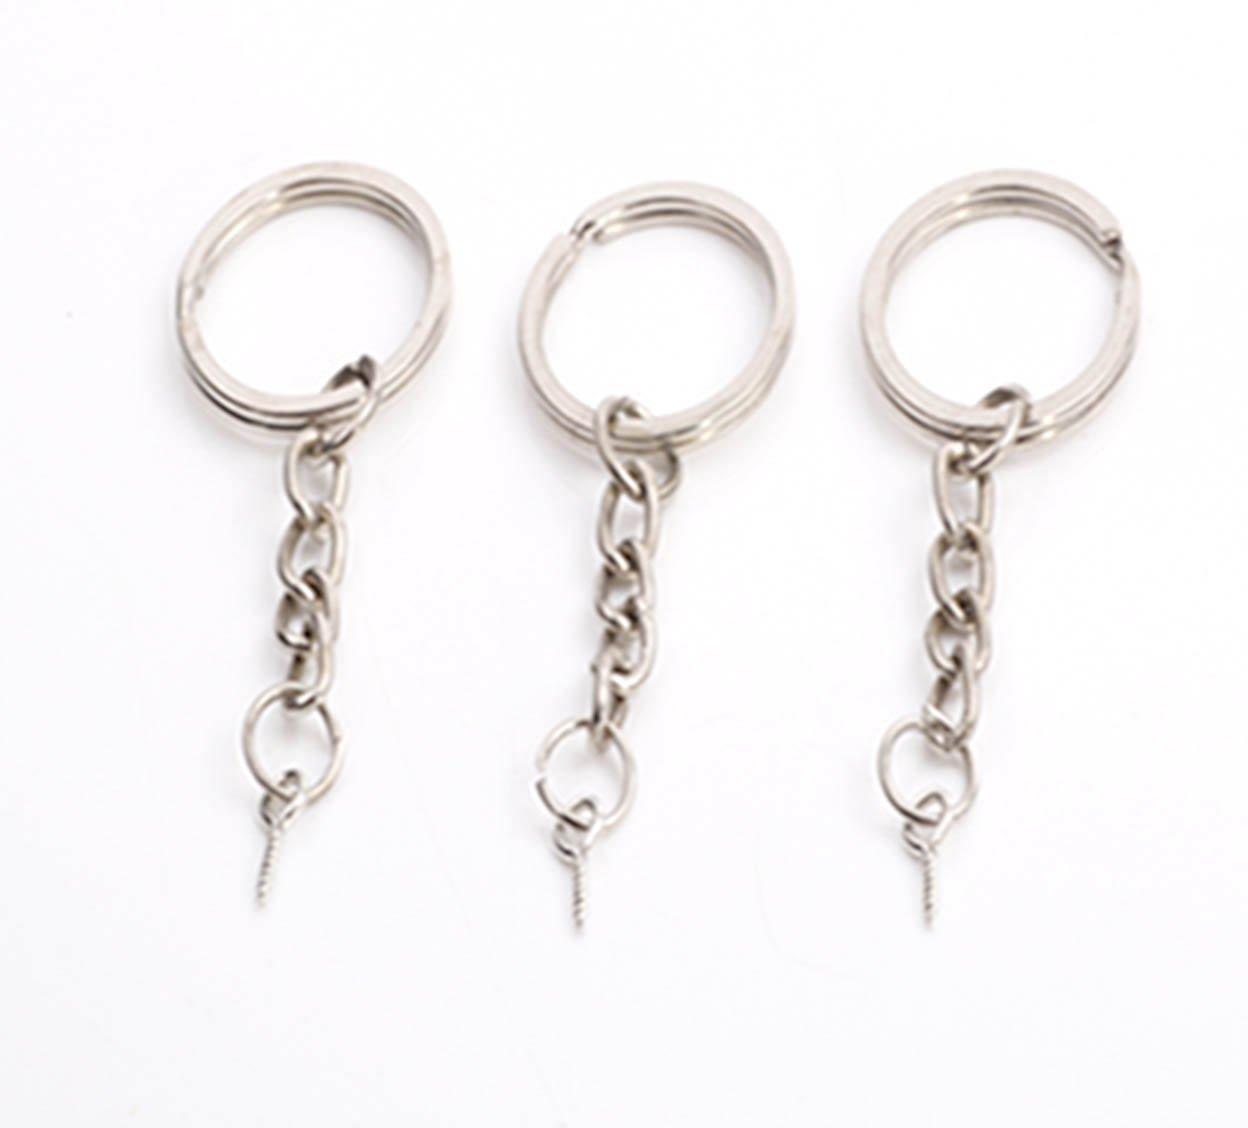 10 anelli per portachiavi in metallo argentato con catenella e gancio avvitabile La boutique de Karine 20 mm